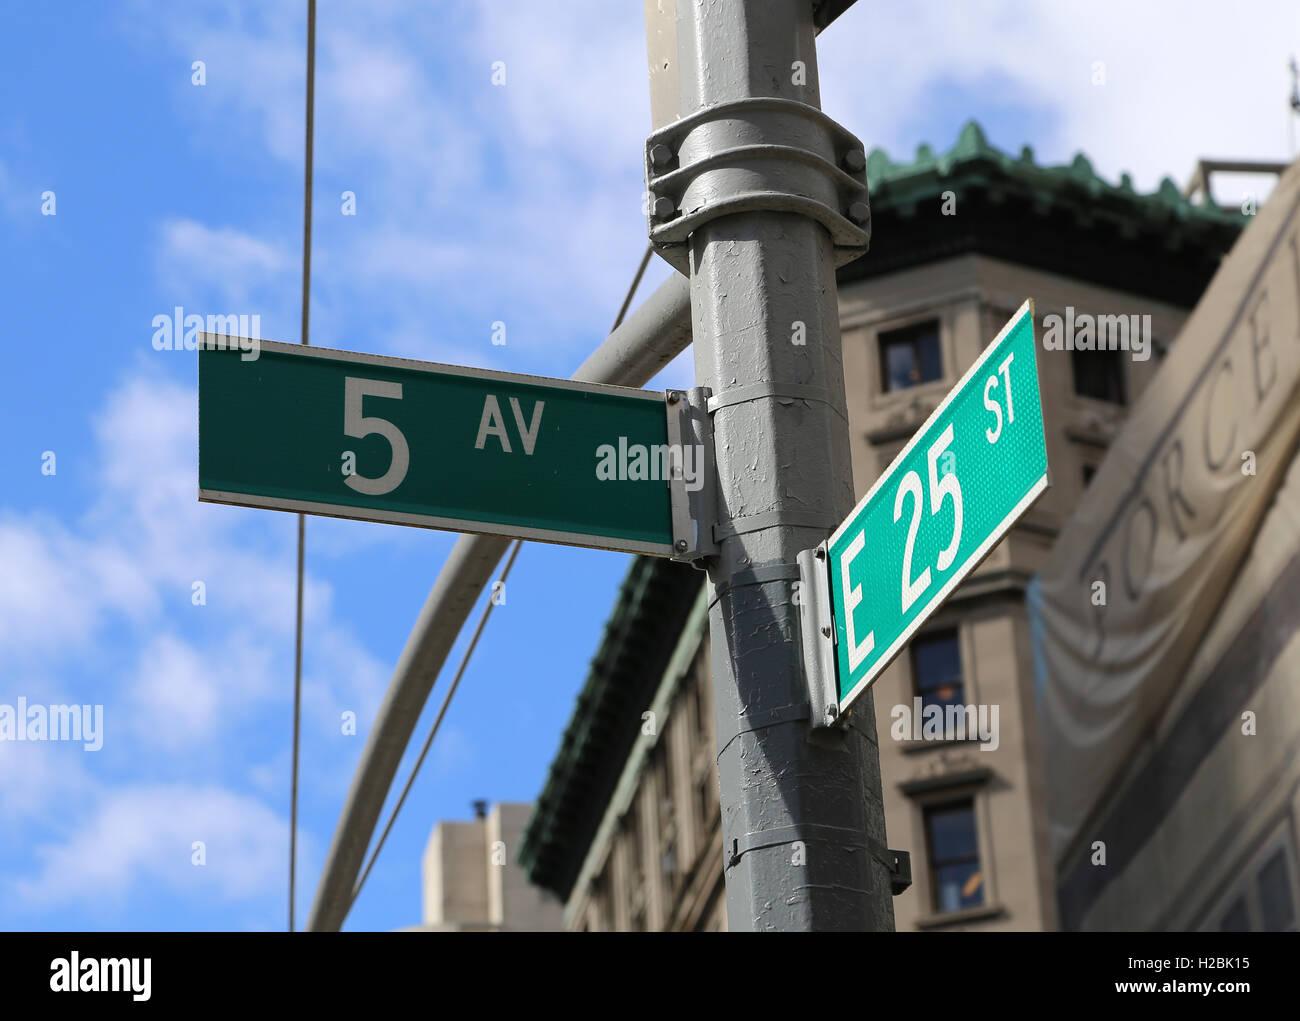 Zeigen Sie 5th Avenue. New York, Vereinigte Staaten von Amerika. Stockbild